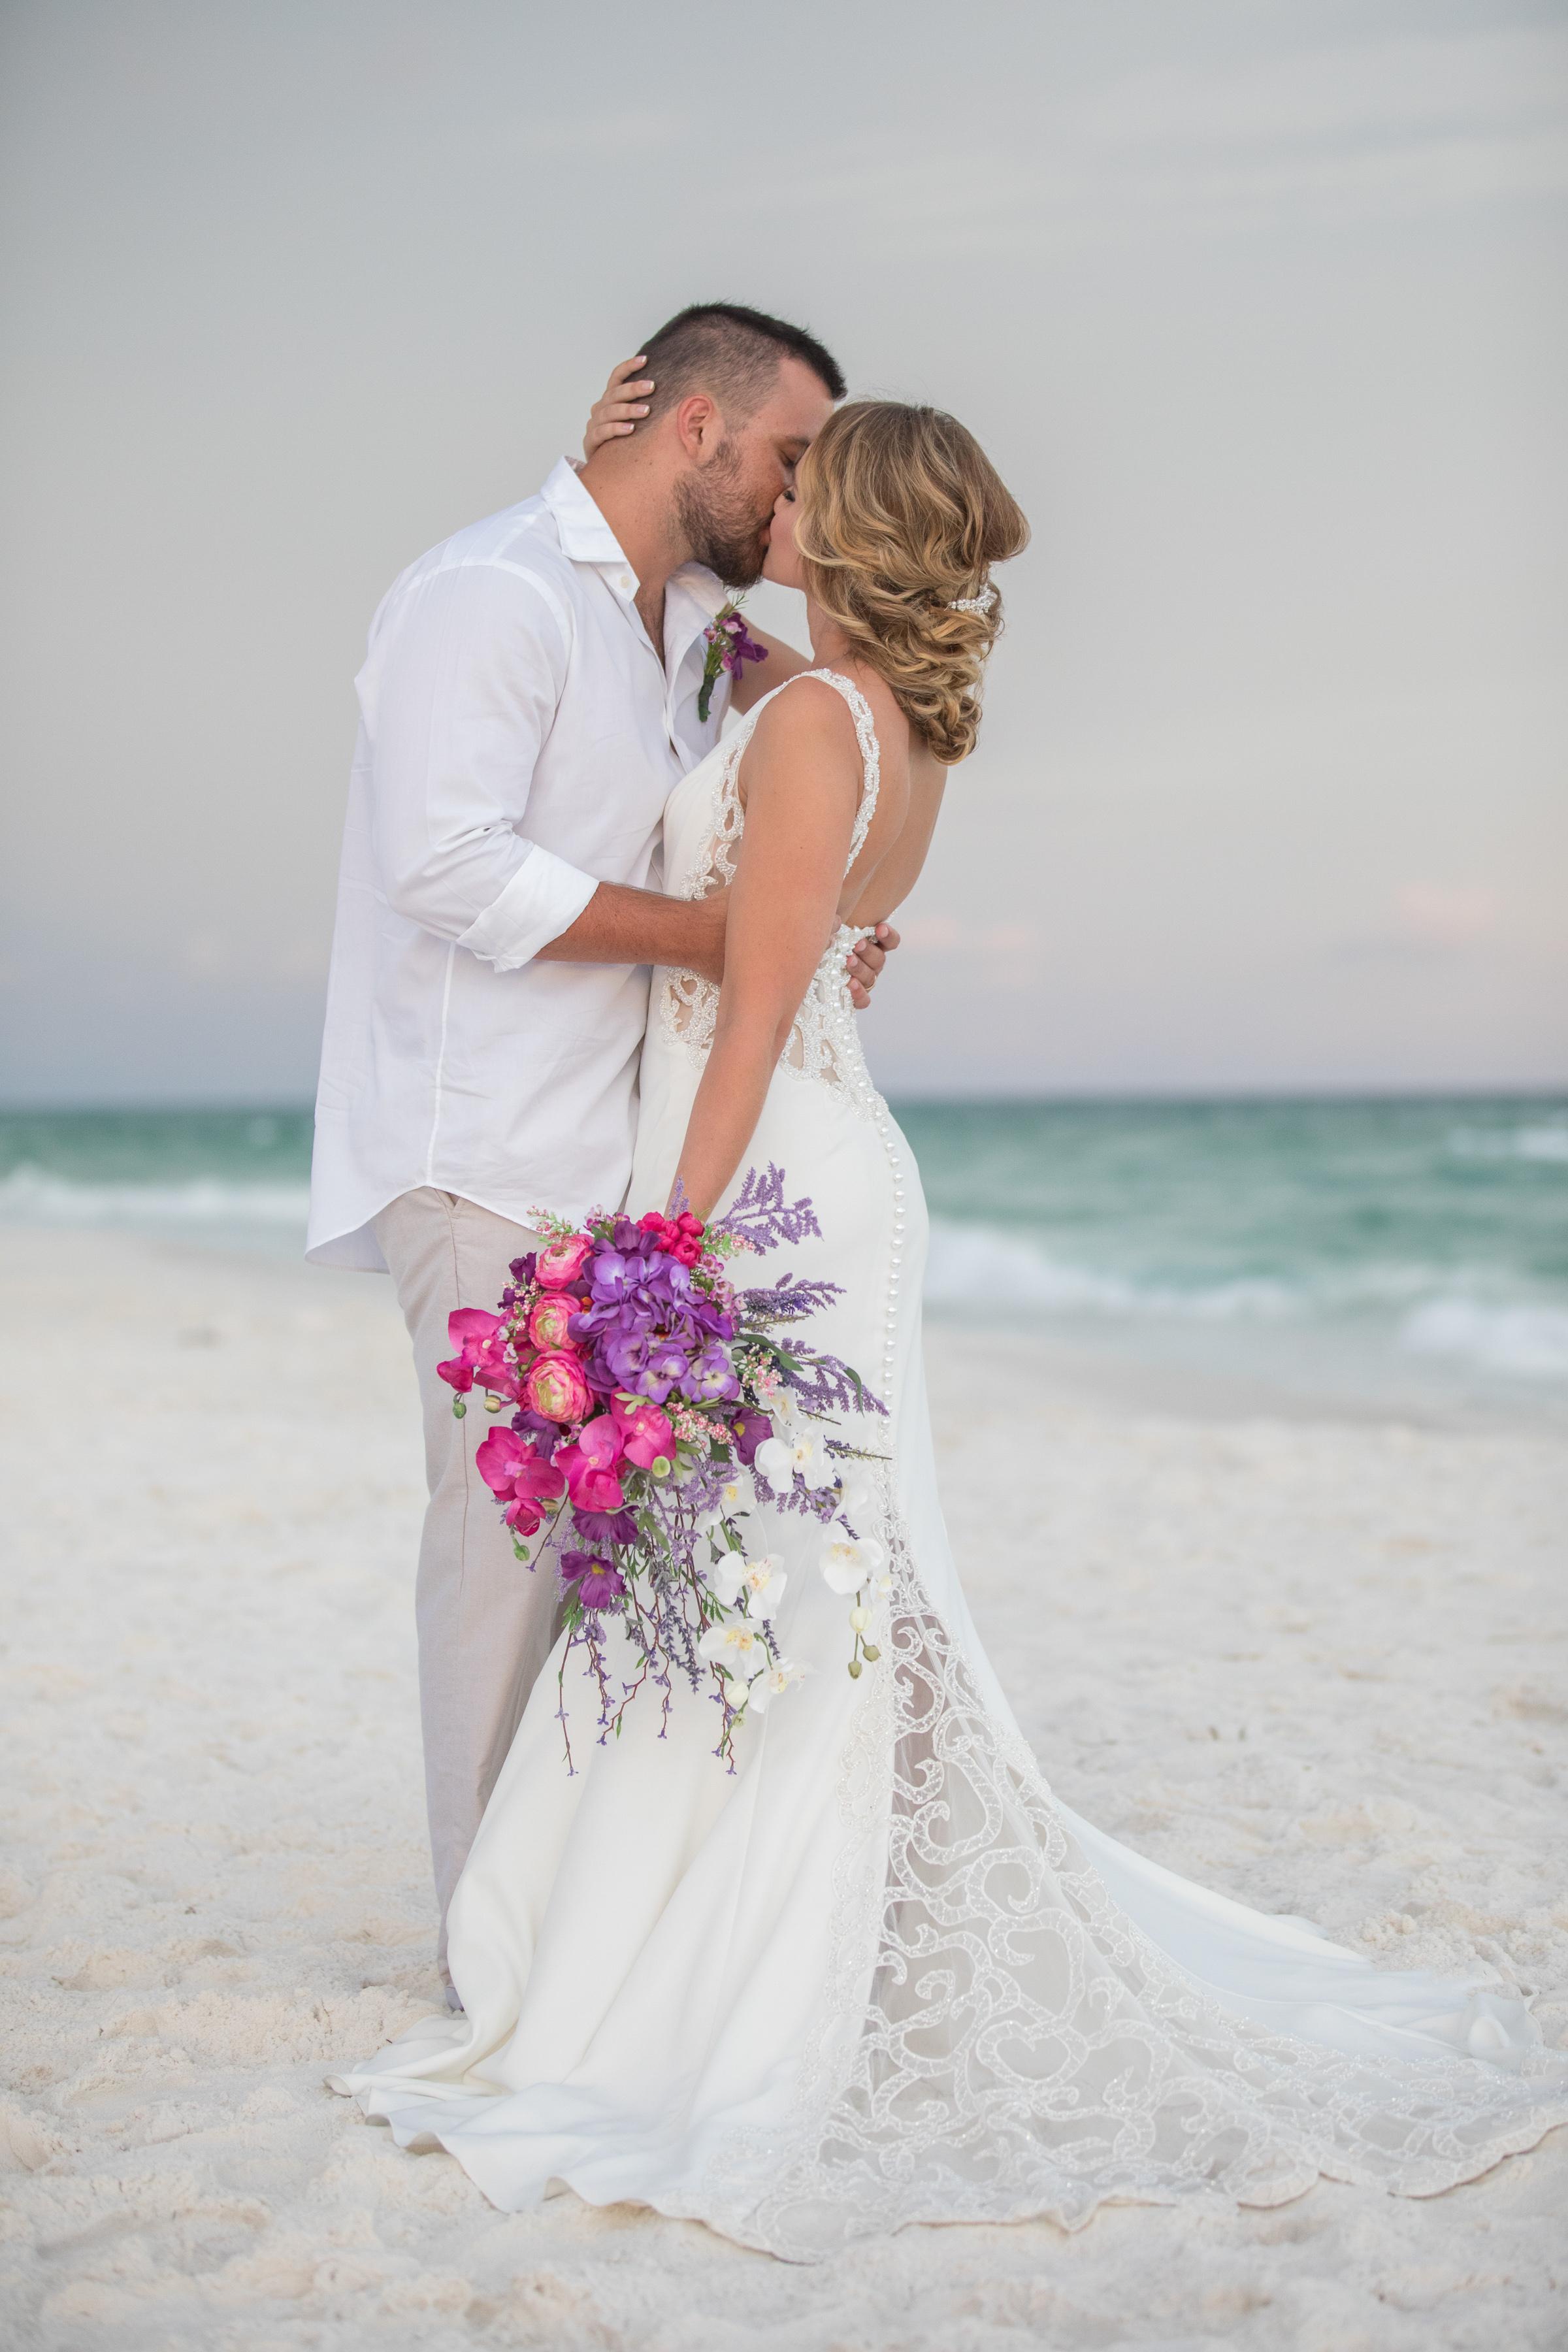 destin beach wedding package picture57_ (2).jpg